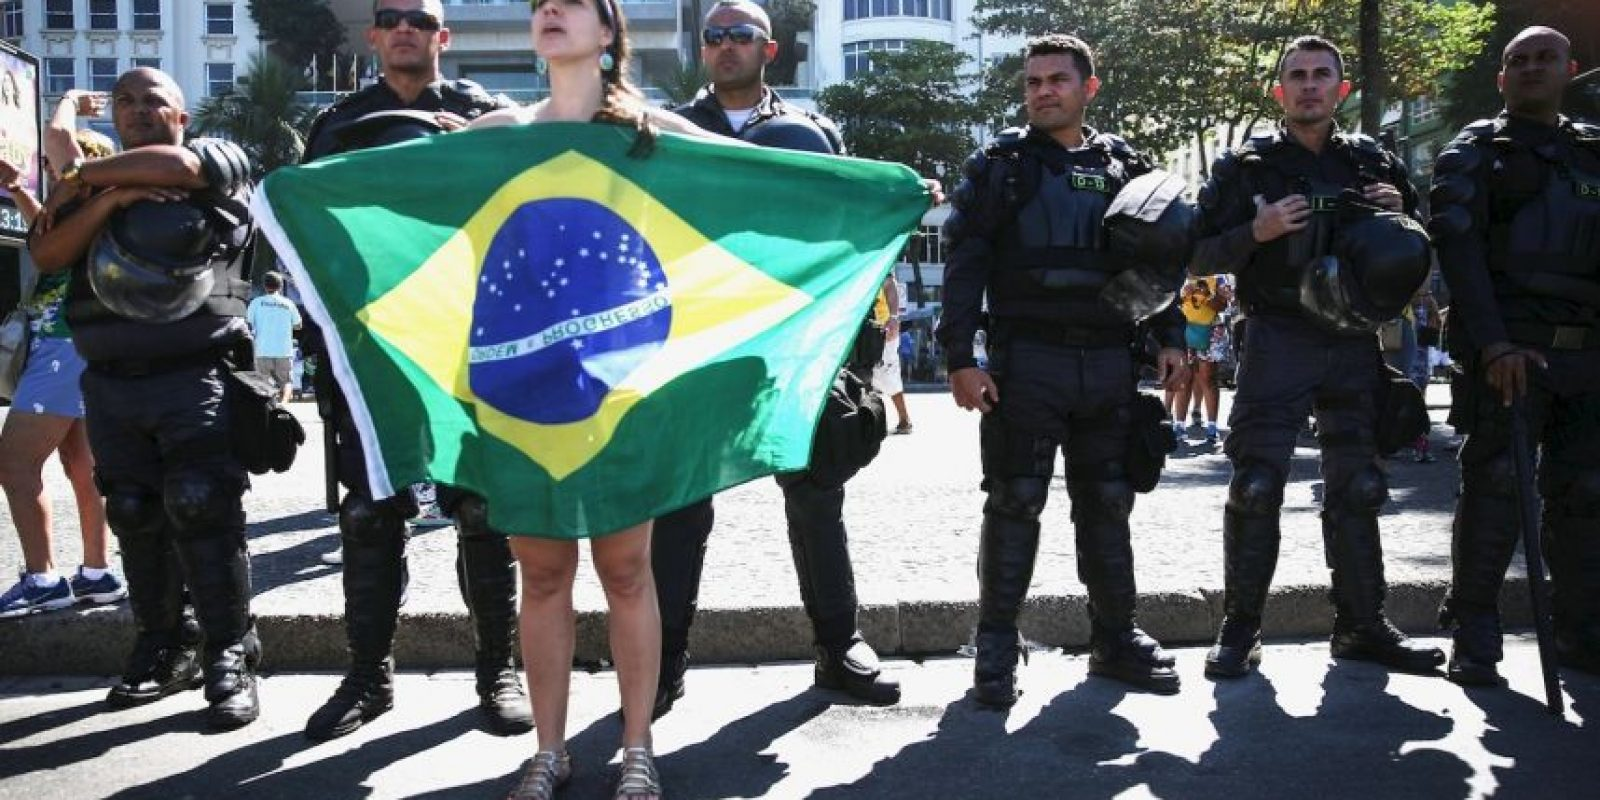 Uno de los vitoreados en las manifestaciones fue Sergio Moro, juez encargado de la investigación de corrupción de Petrobras Foto:Getty Images